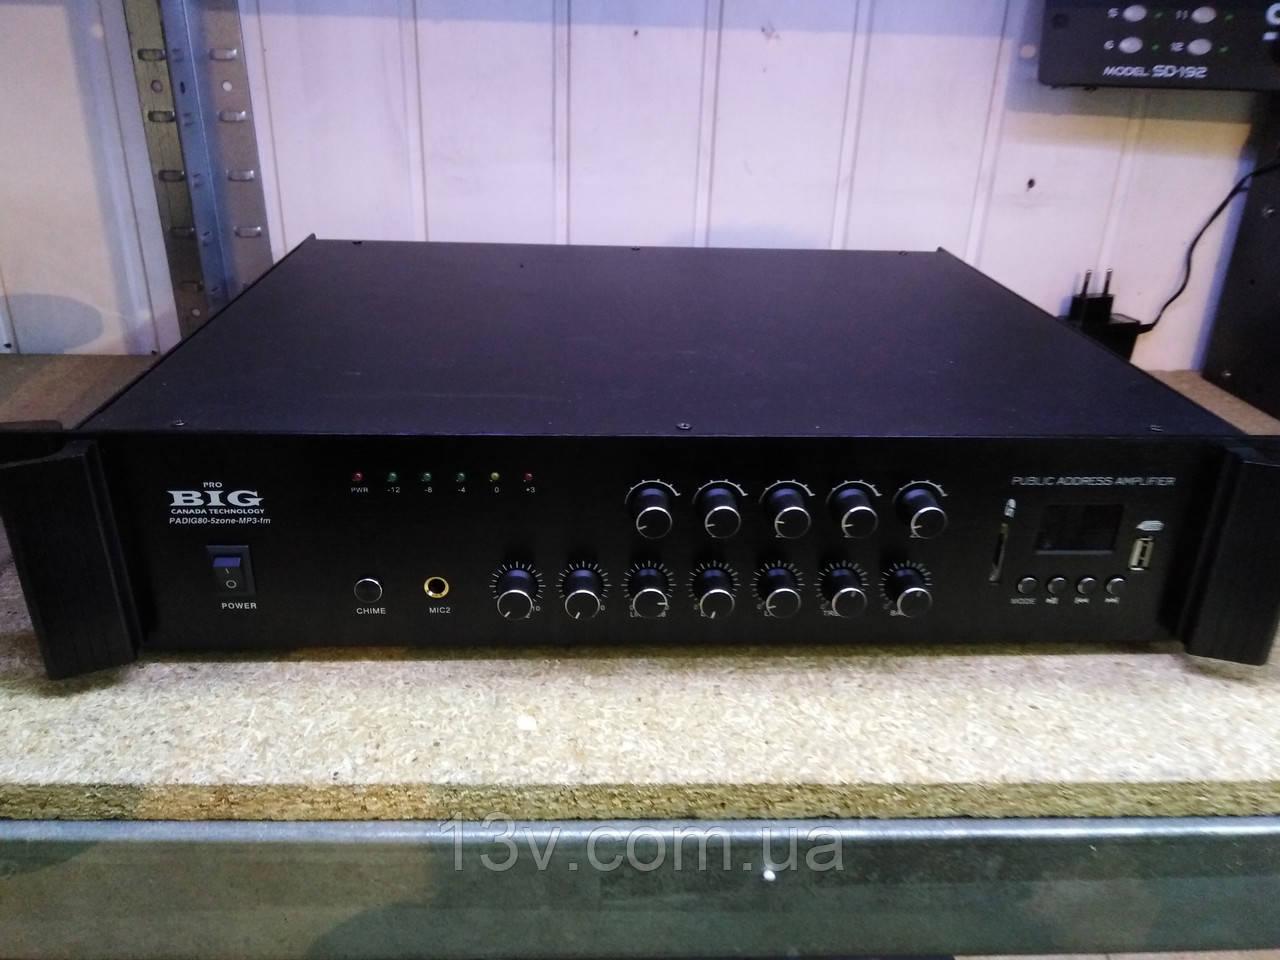 Підсилювачь BIG PADIG80 5zoneUSB/MP3/FM/BT 100v